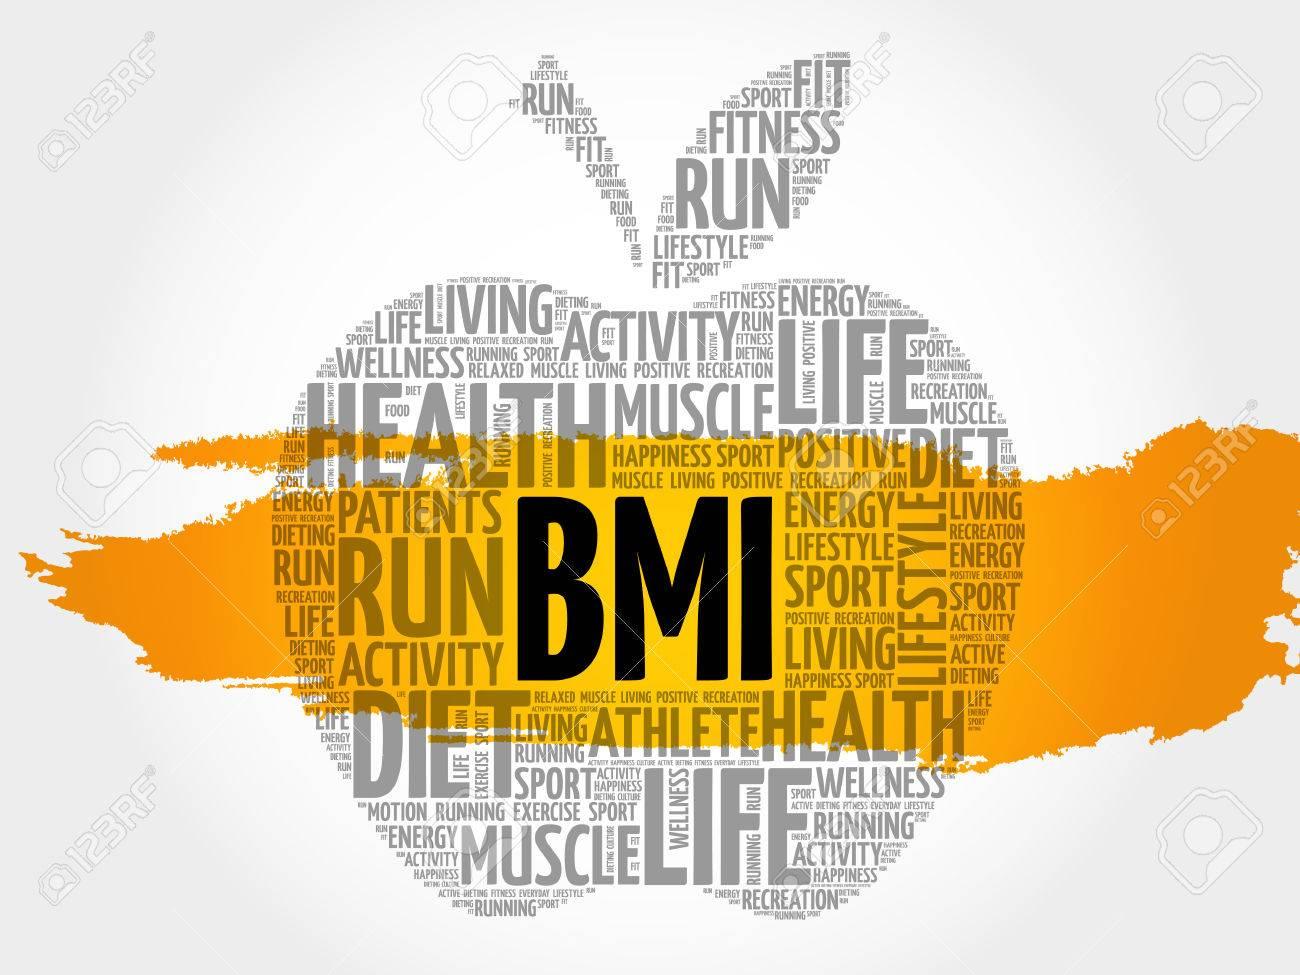 BMI - índice De Masa Corporal, La Palabra Nube De Apple Collage, El ...